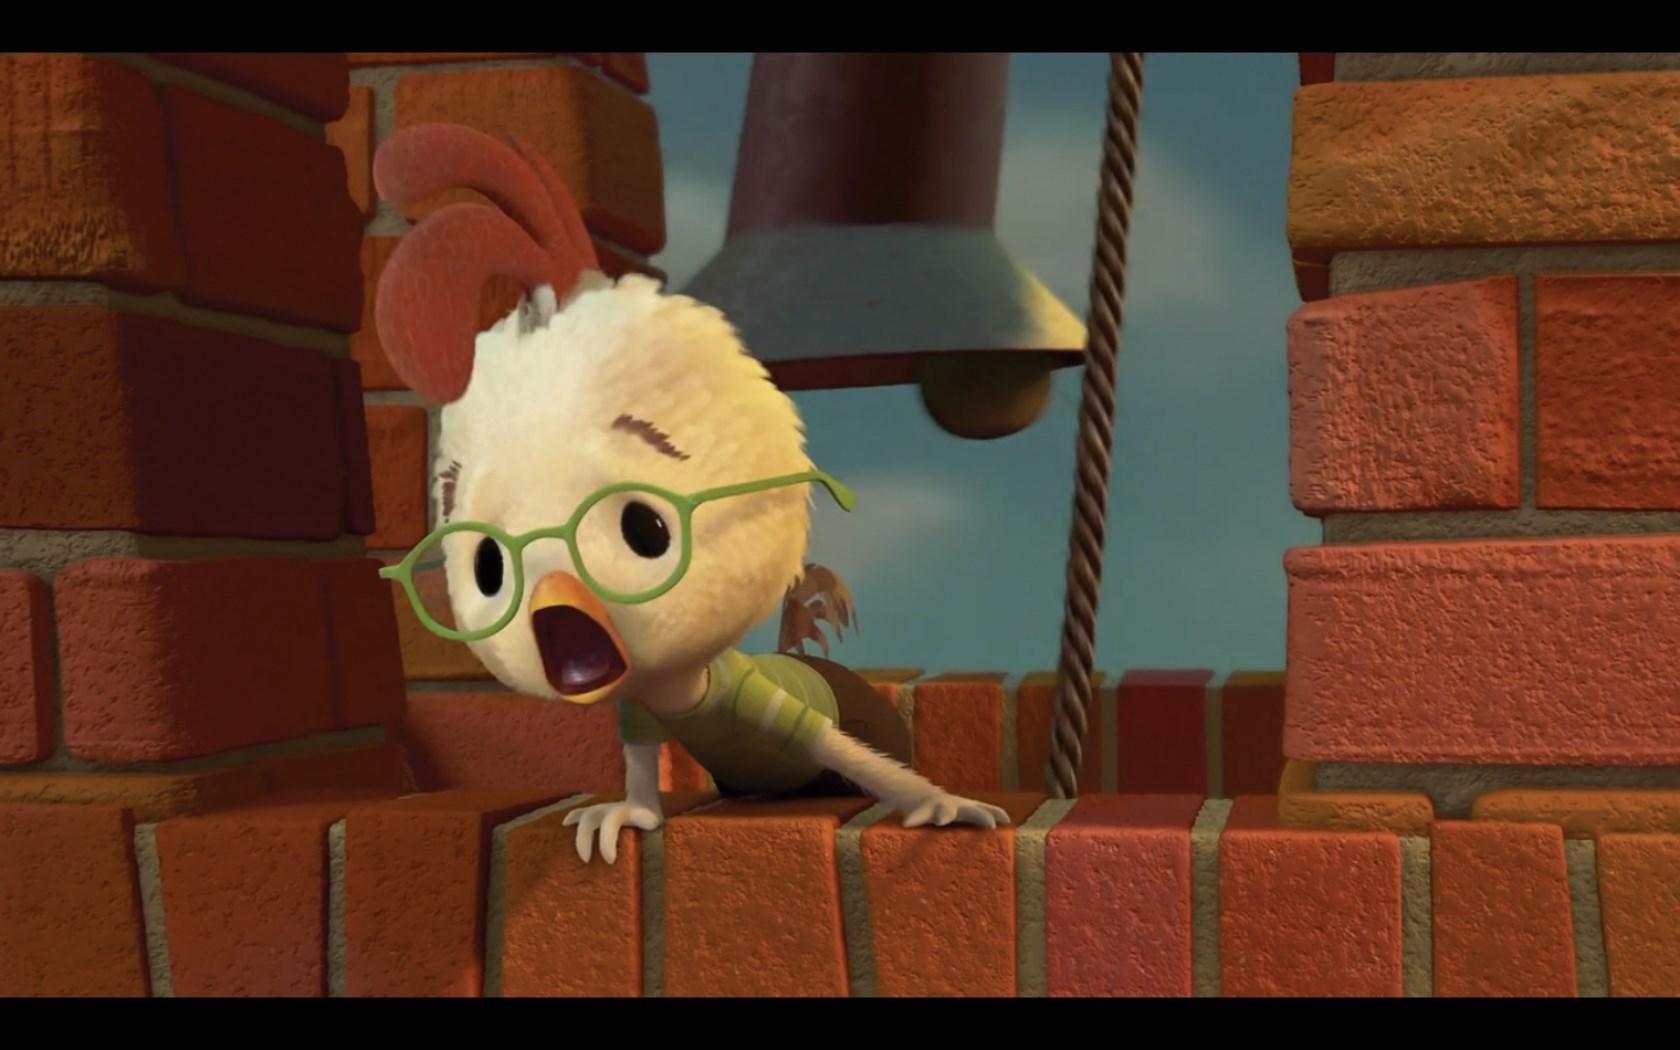 chicken-little-bein-movies-4-desktop-resolution